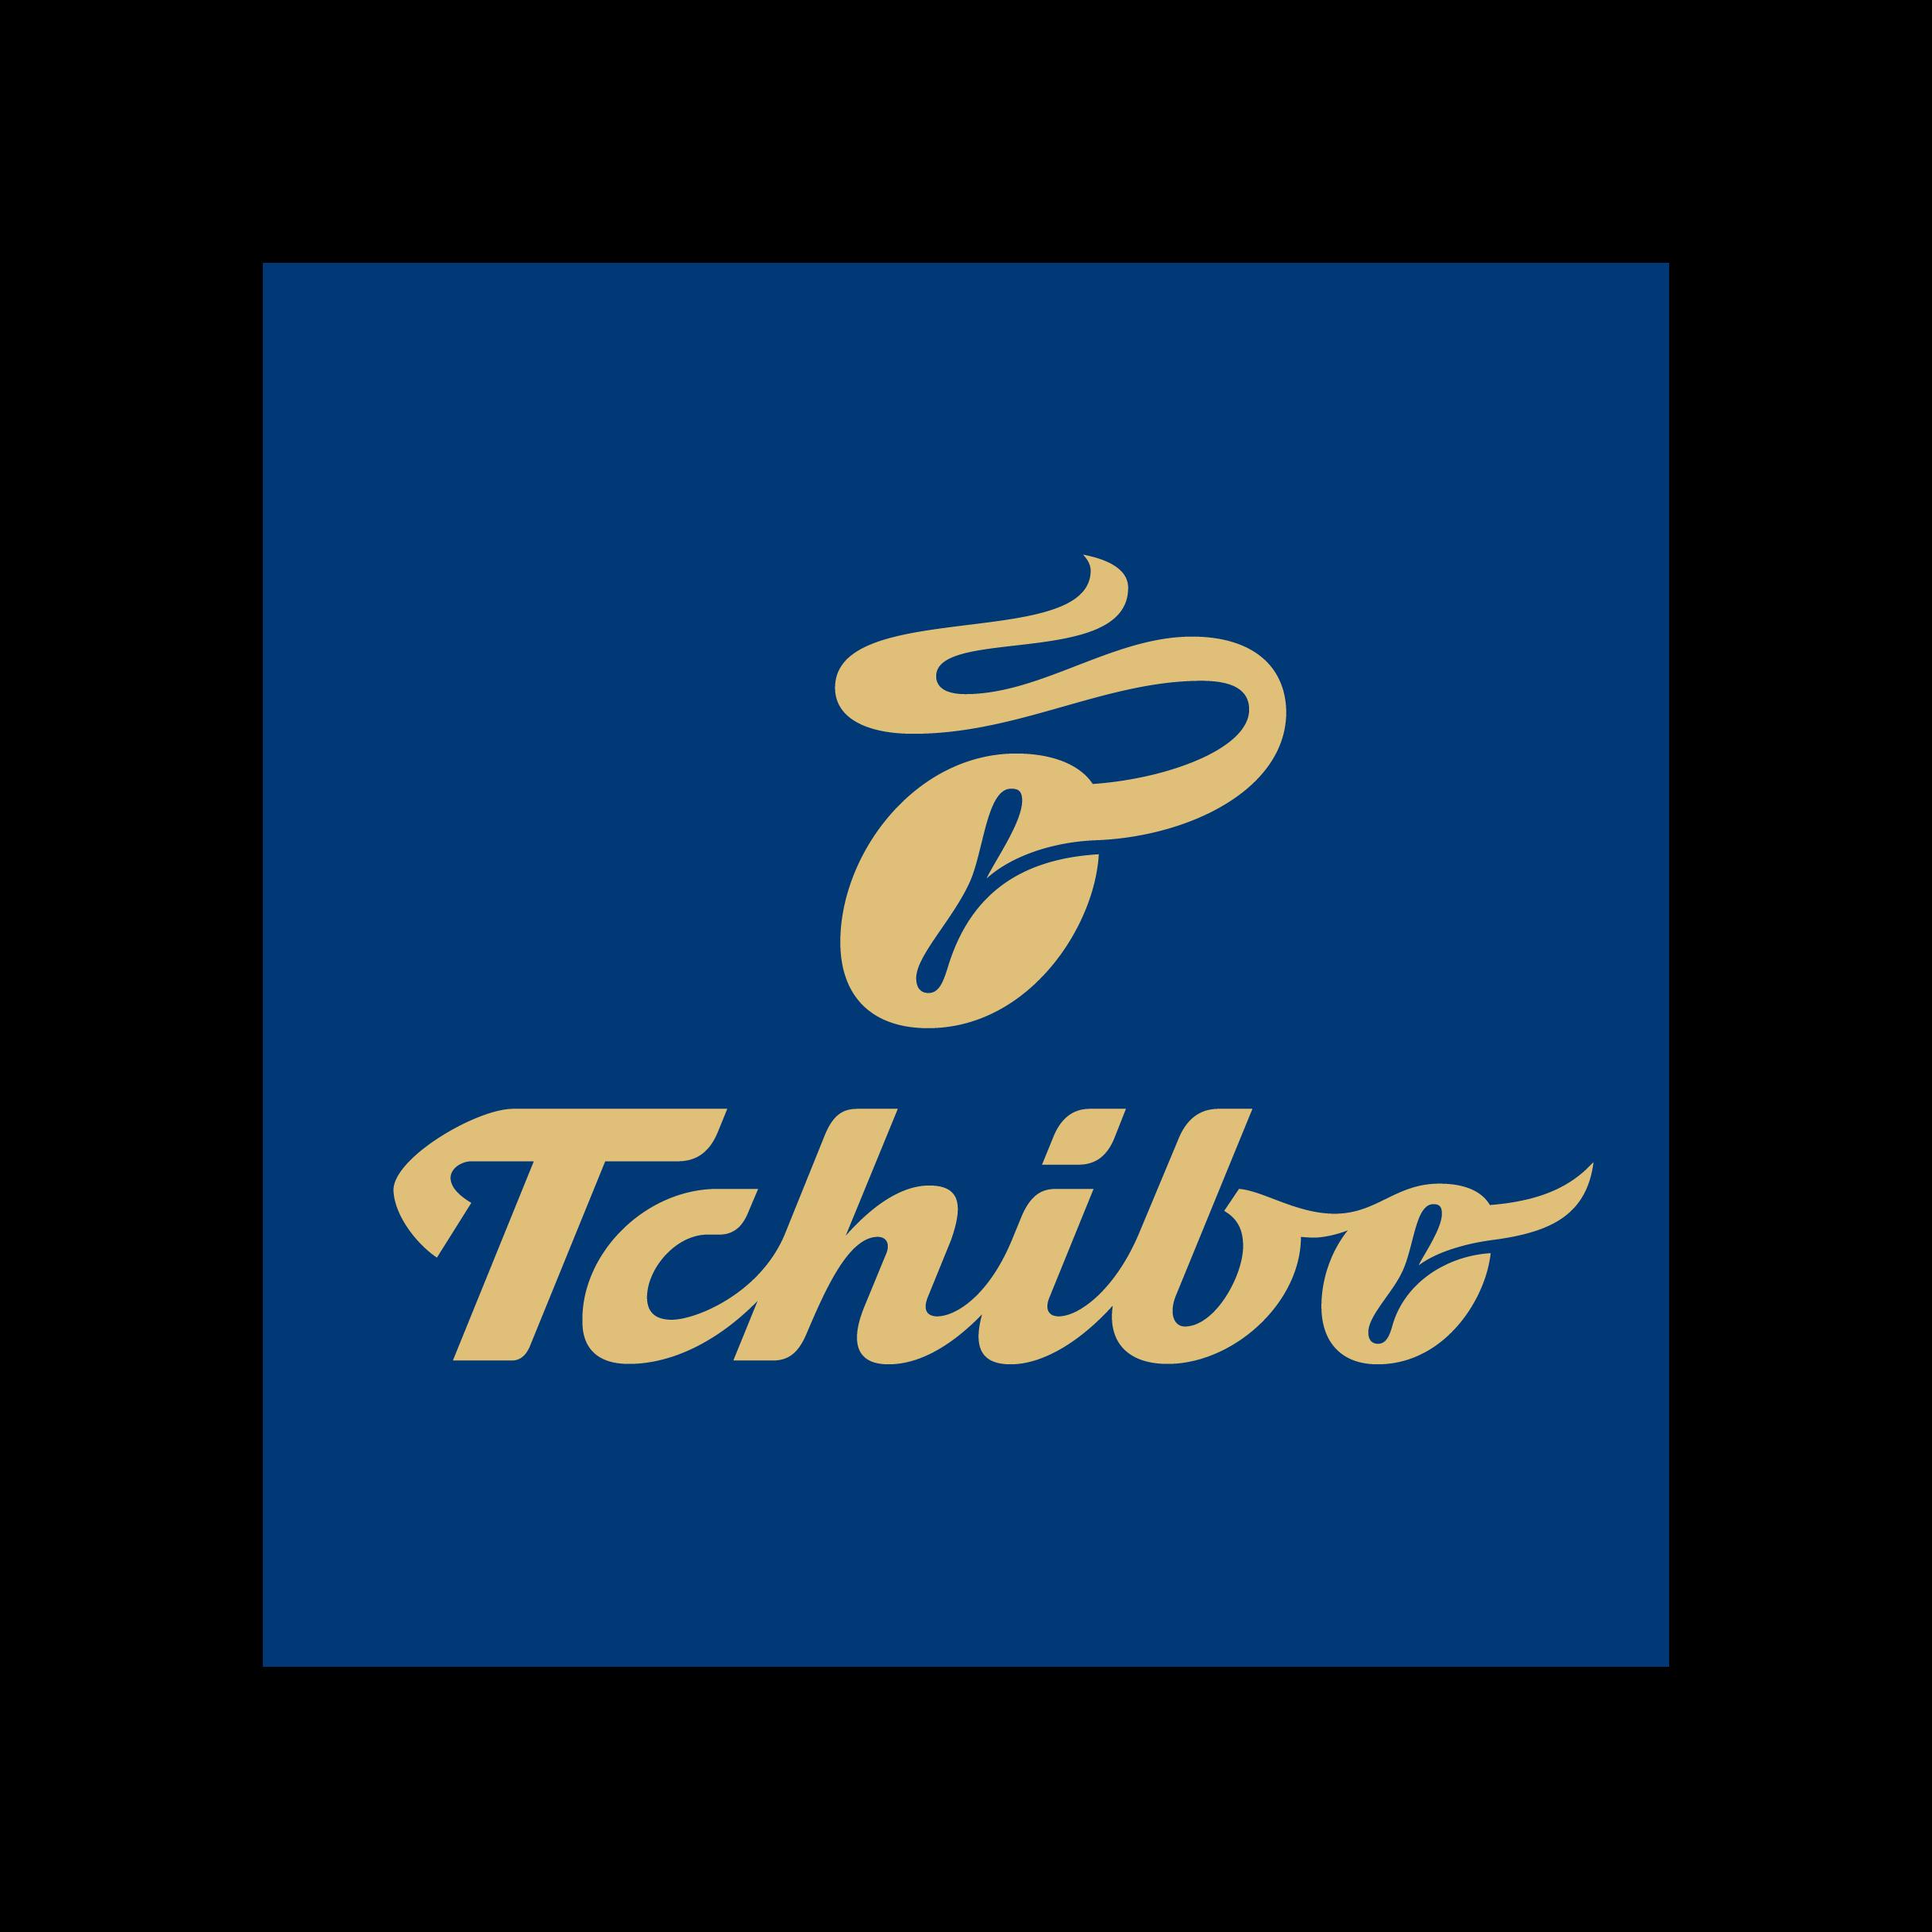 eda65585d130 Anmeldelser af Tchibo Danmark